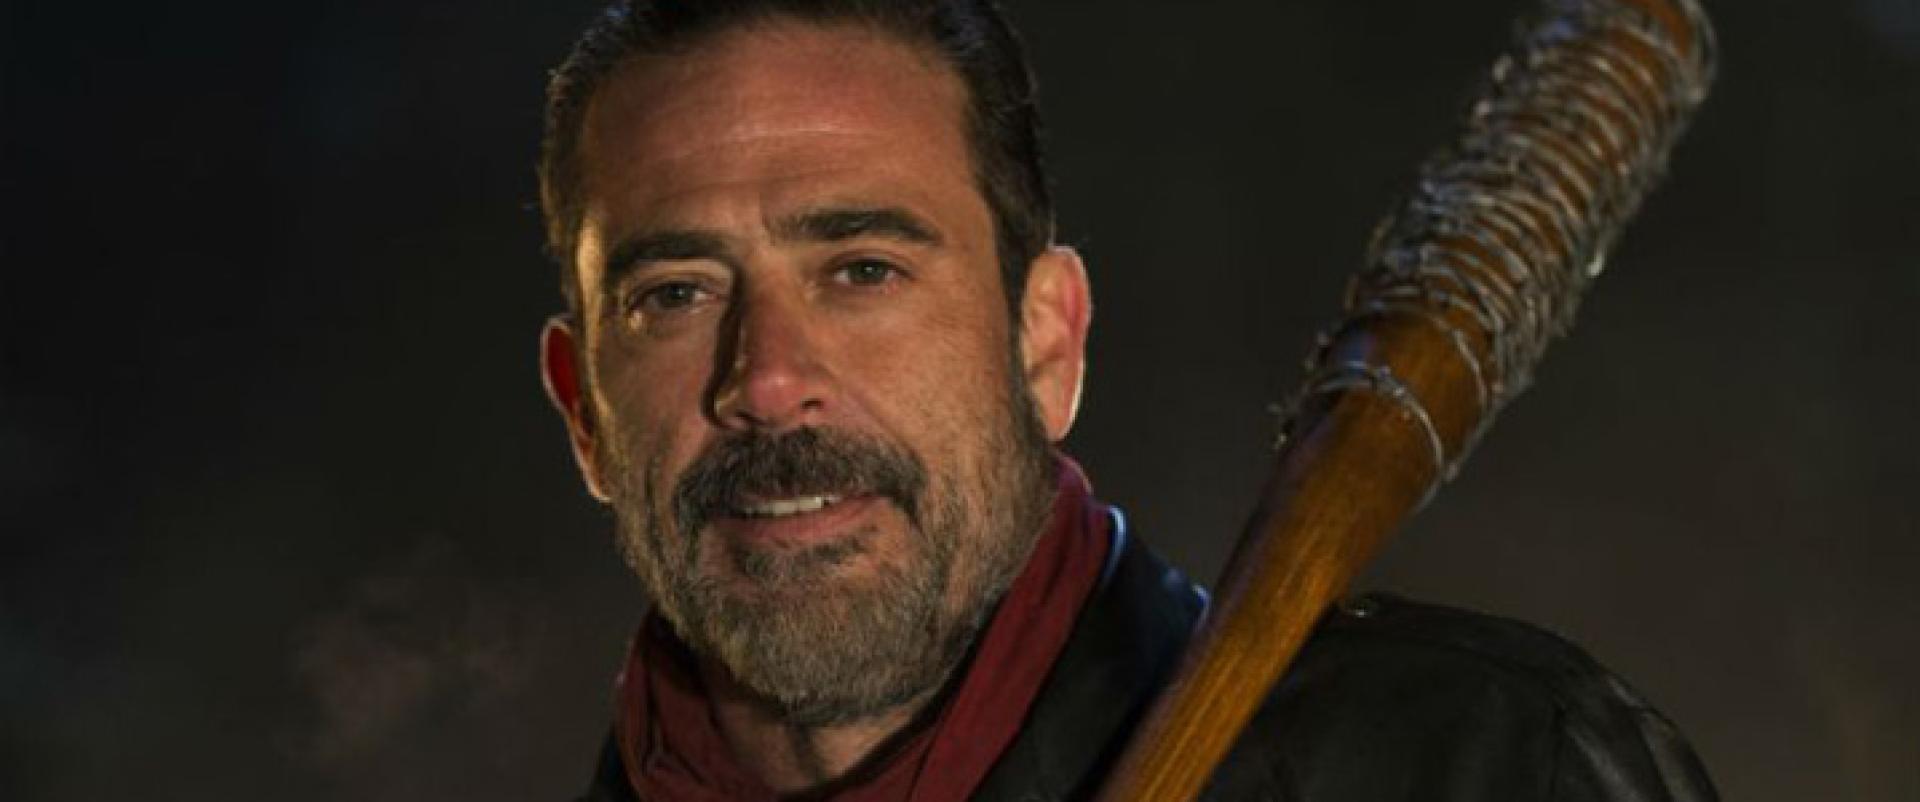 The Walking Dead, 7. évad: képek és szinopszis